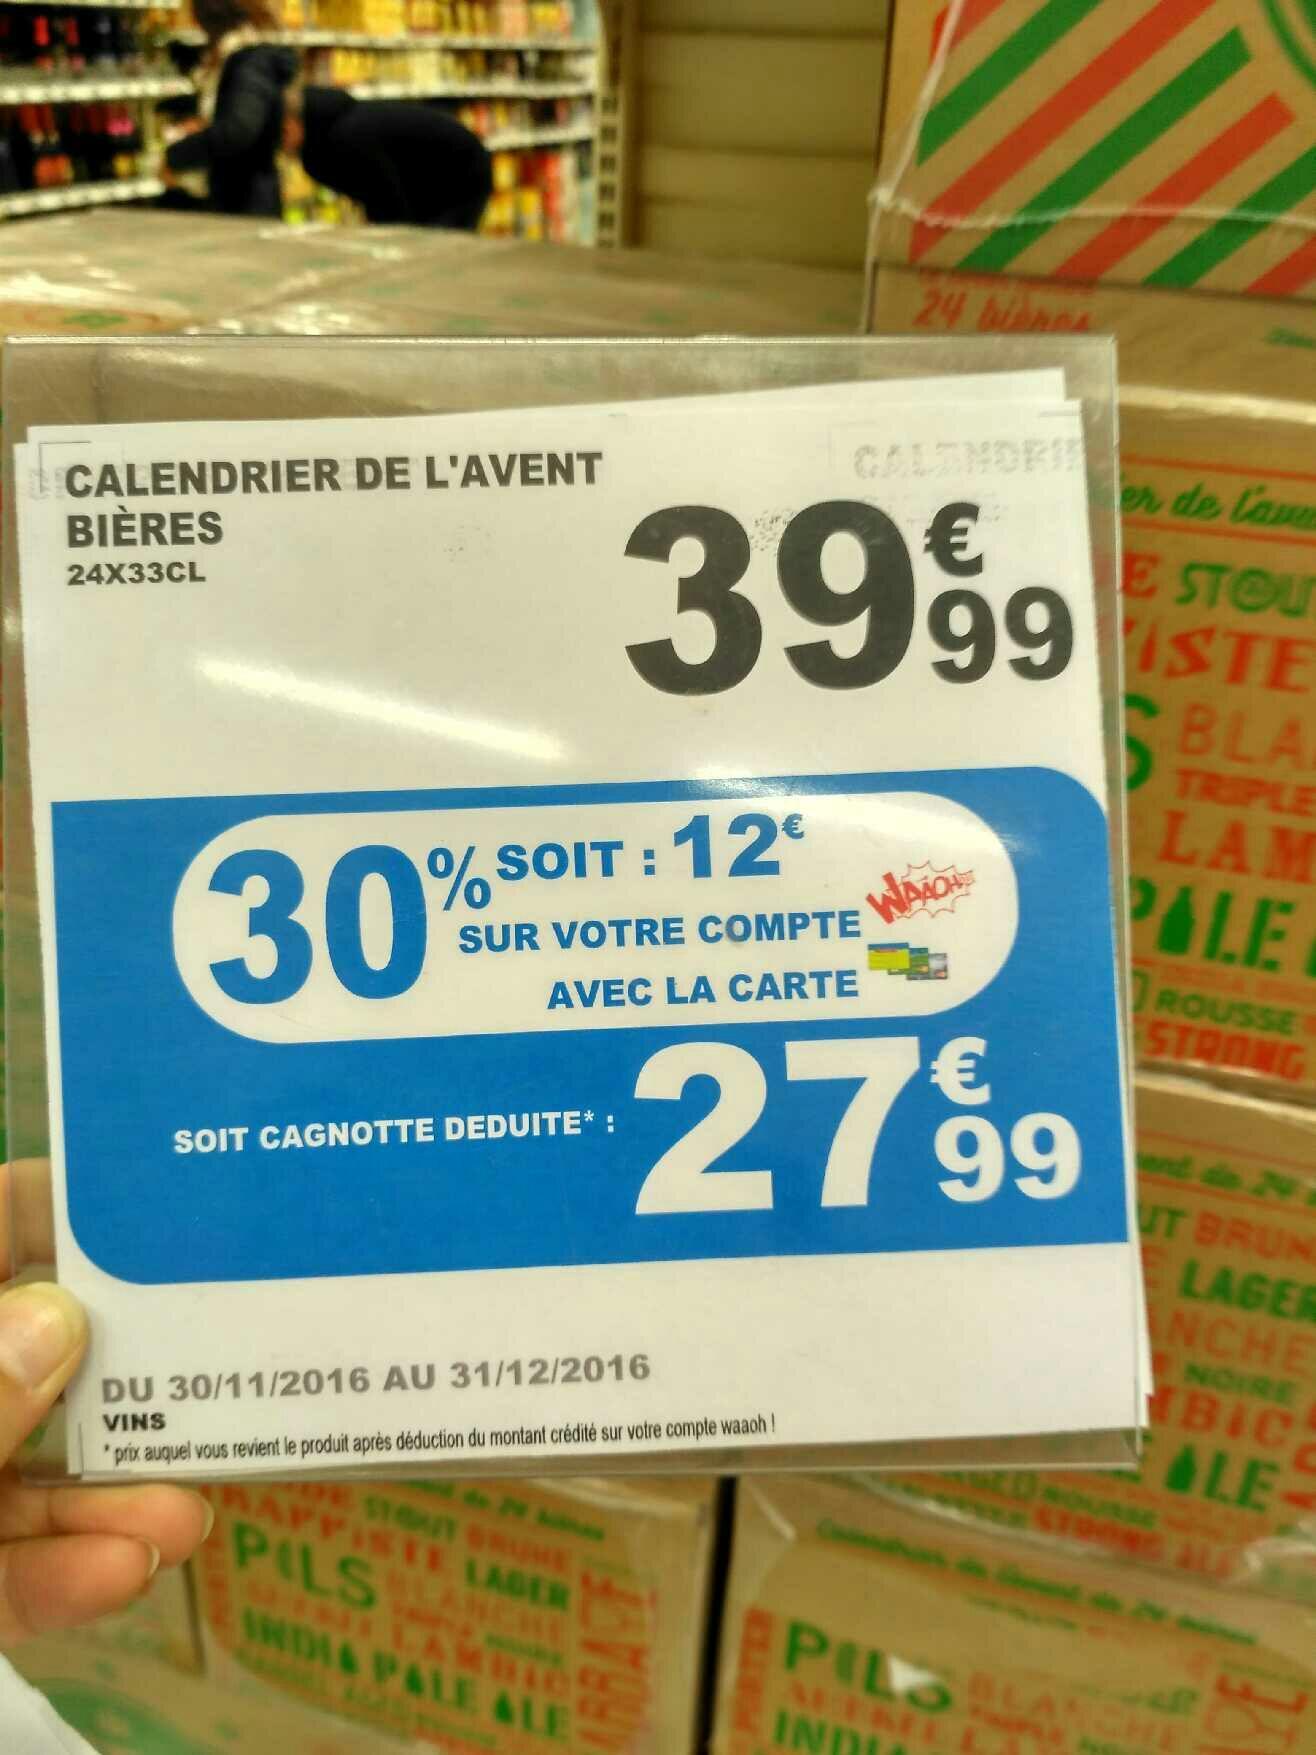 Calendrier de l'Avent Bières - 24x33cl (via 12€ fidélité)